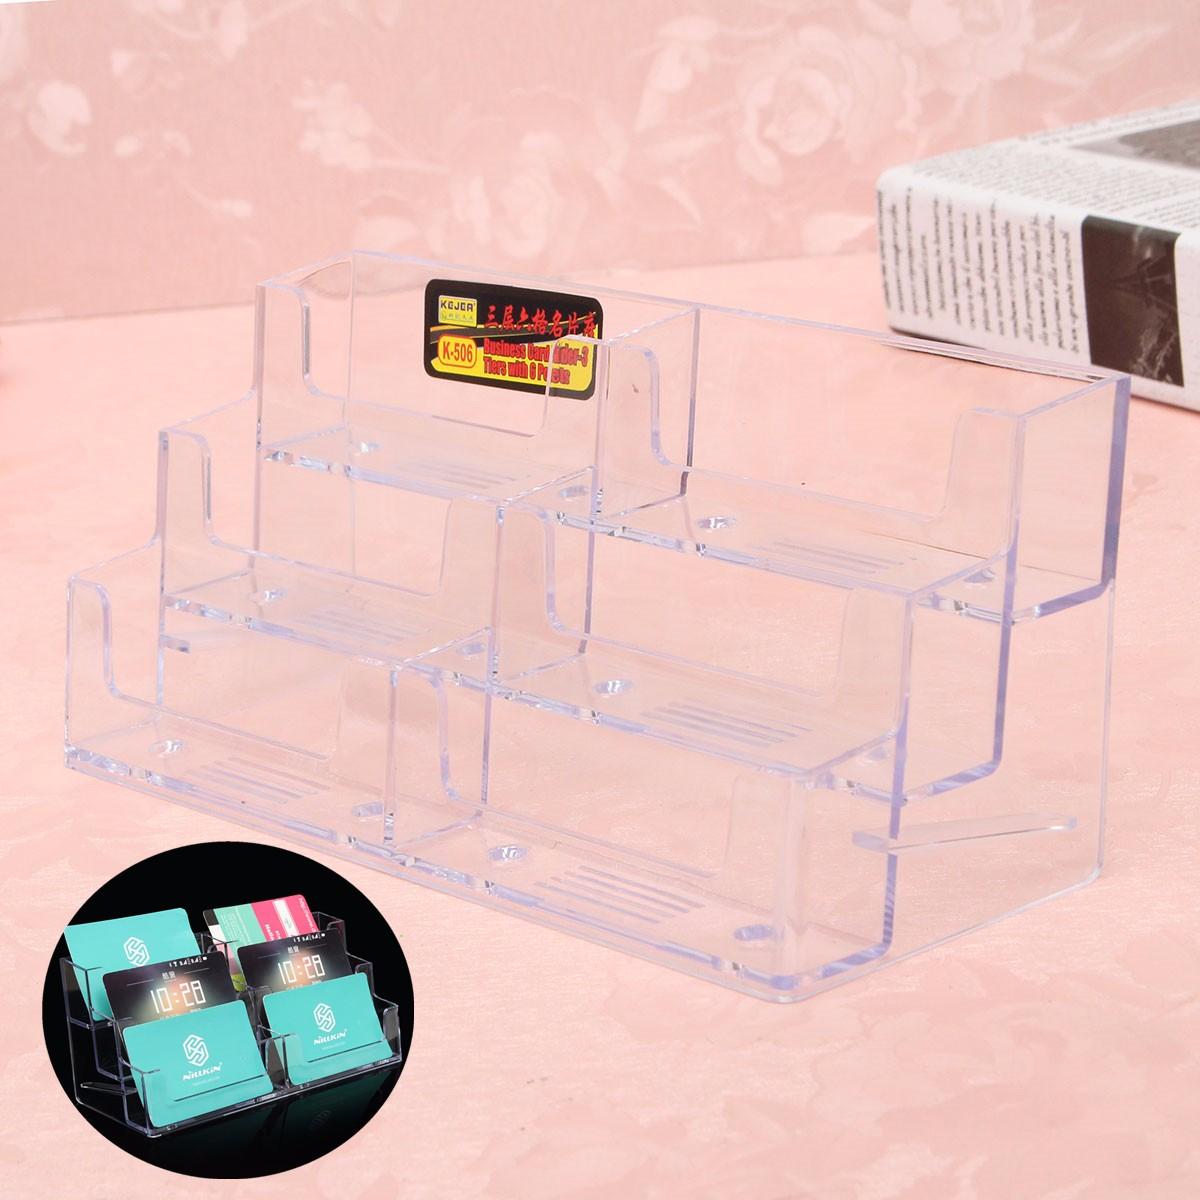 Cahier Des Charges 1 Matriel Acrylique 2 Taille 20 7 8 Paisseur 02cm 3 Trousse Comprenait X Porte